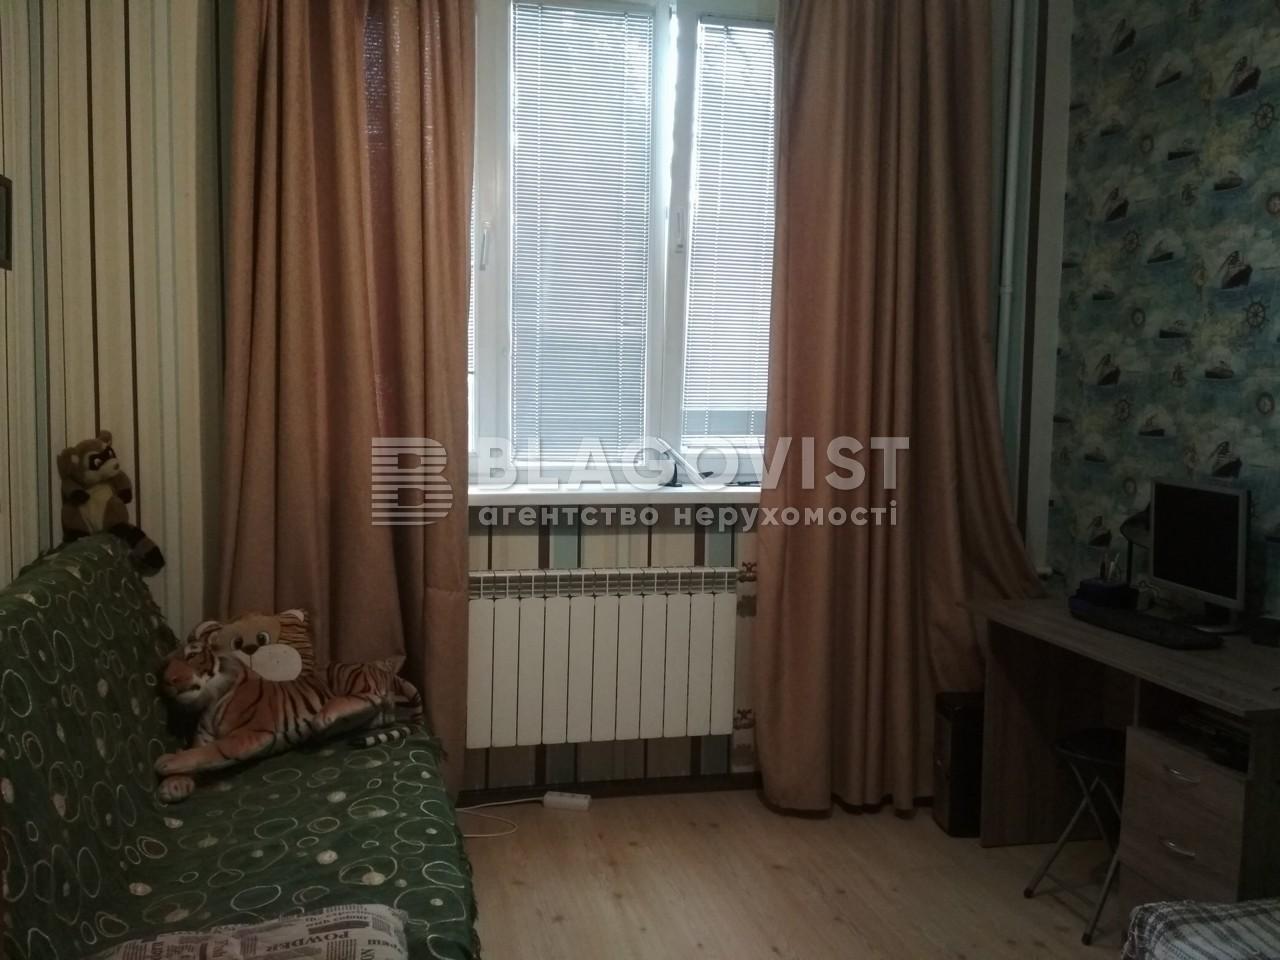 Квартира R-39741, Копыловская, 17/19, Киев - Фото 6